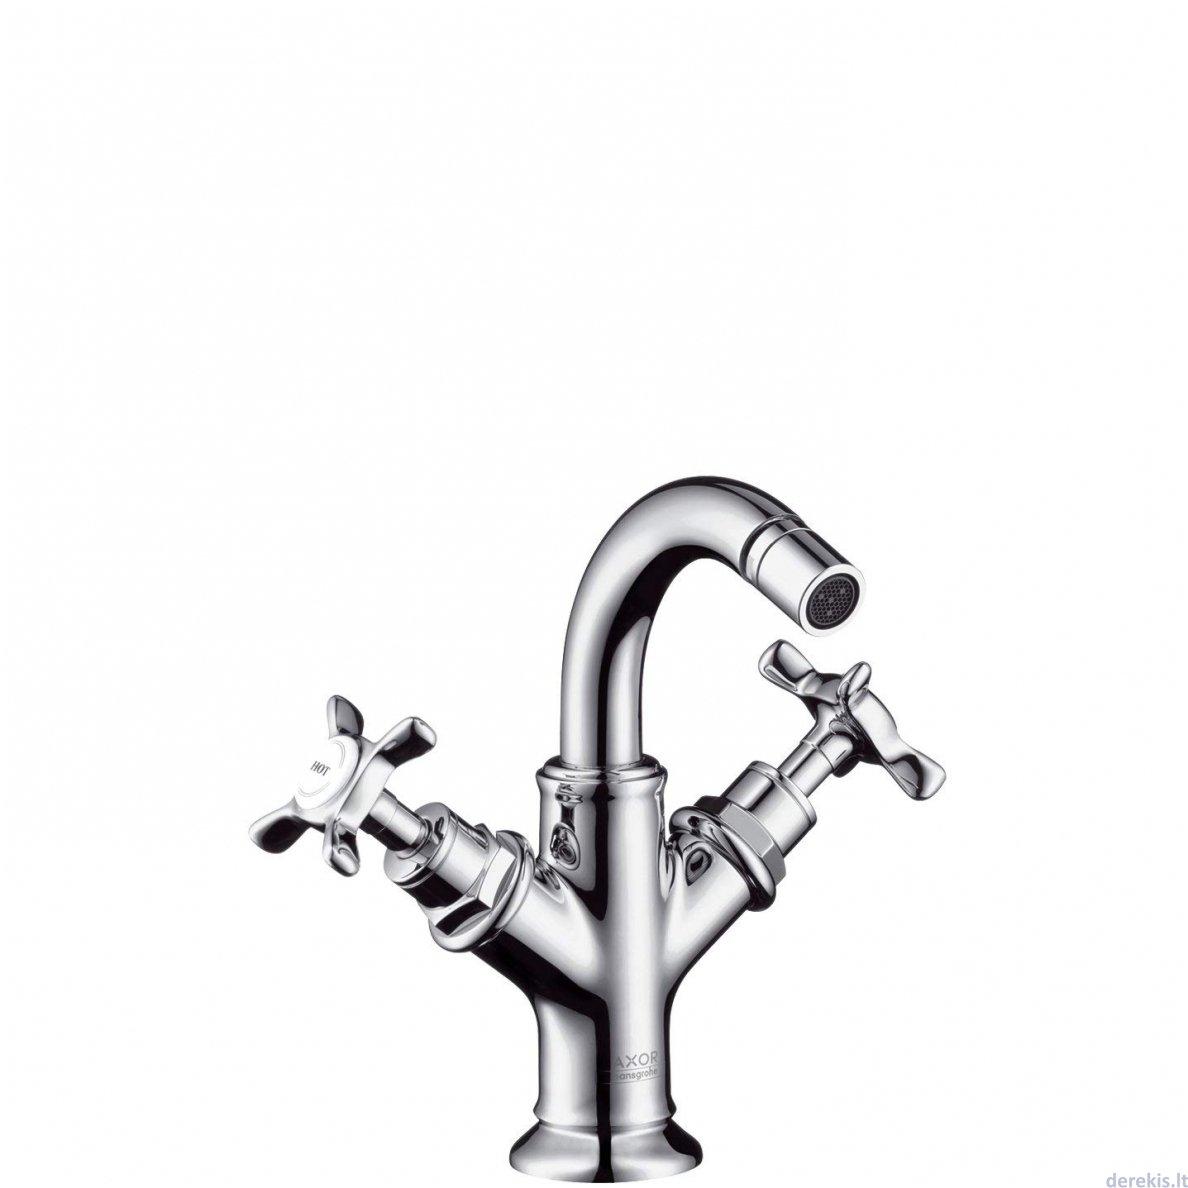 Hansgrohe AXOR Montreux (16520000) | Bathroom equipment | PLUMBING ...